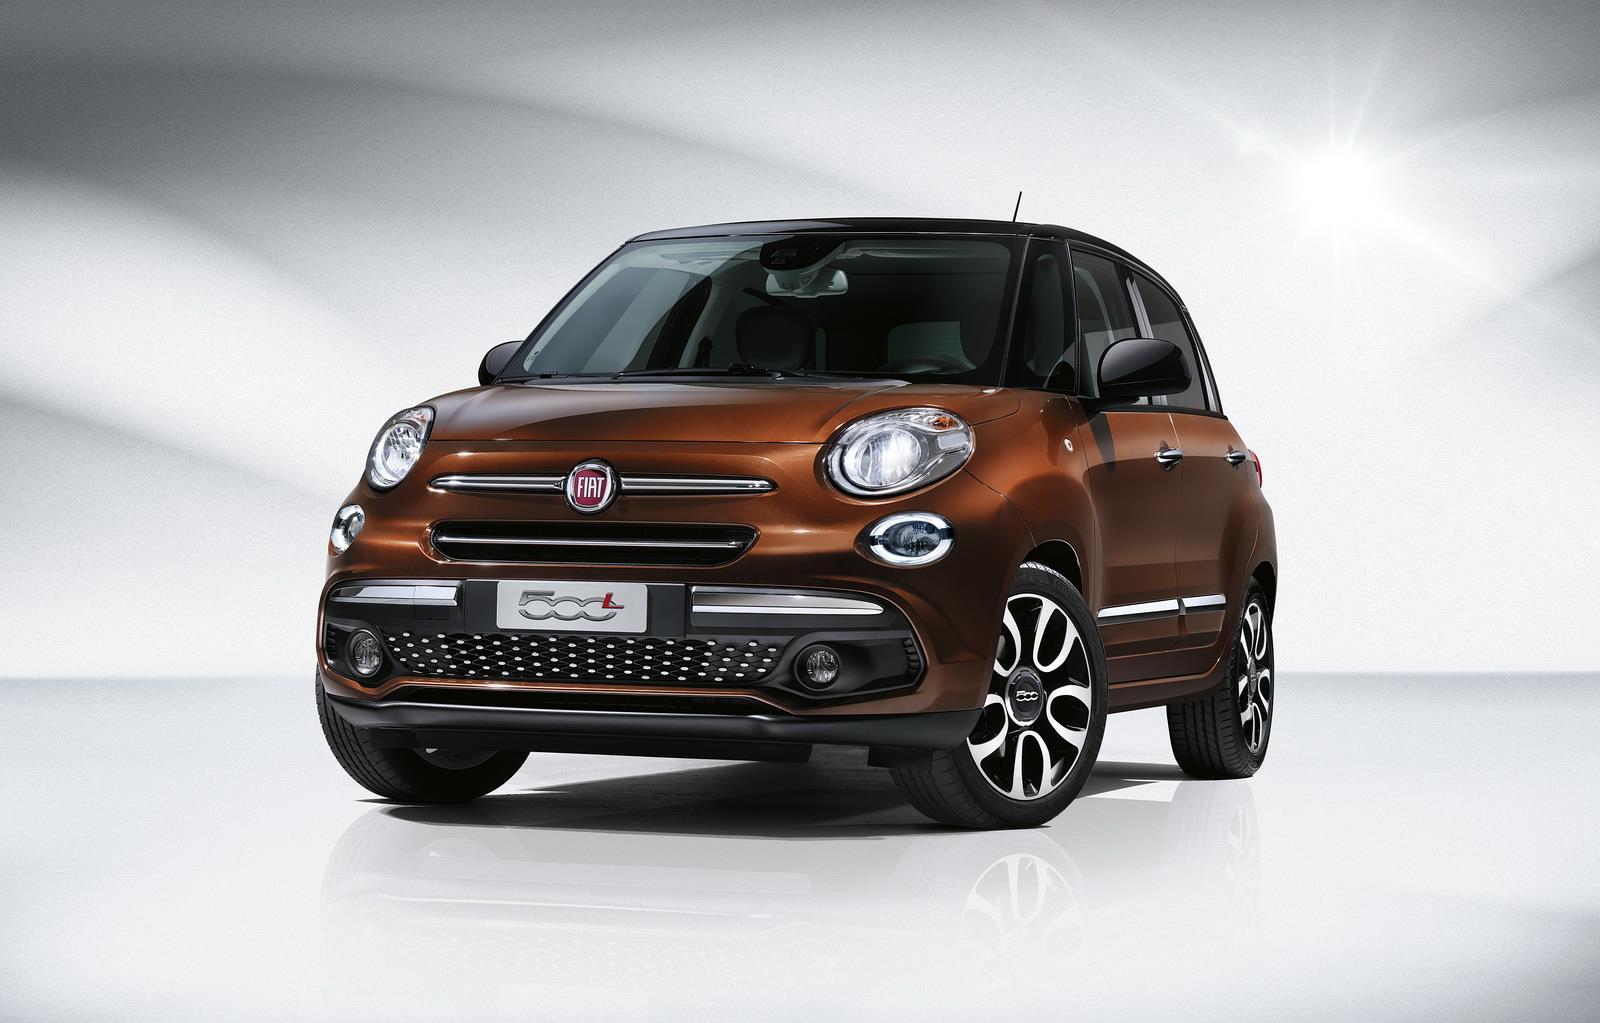 Fiat 500L gets a facelift